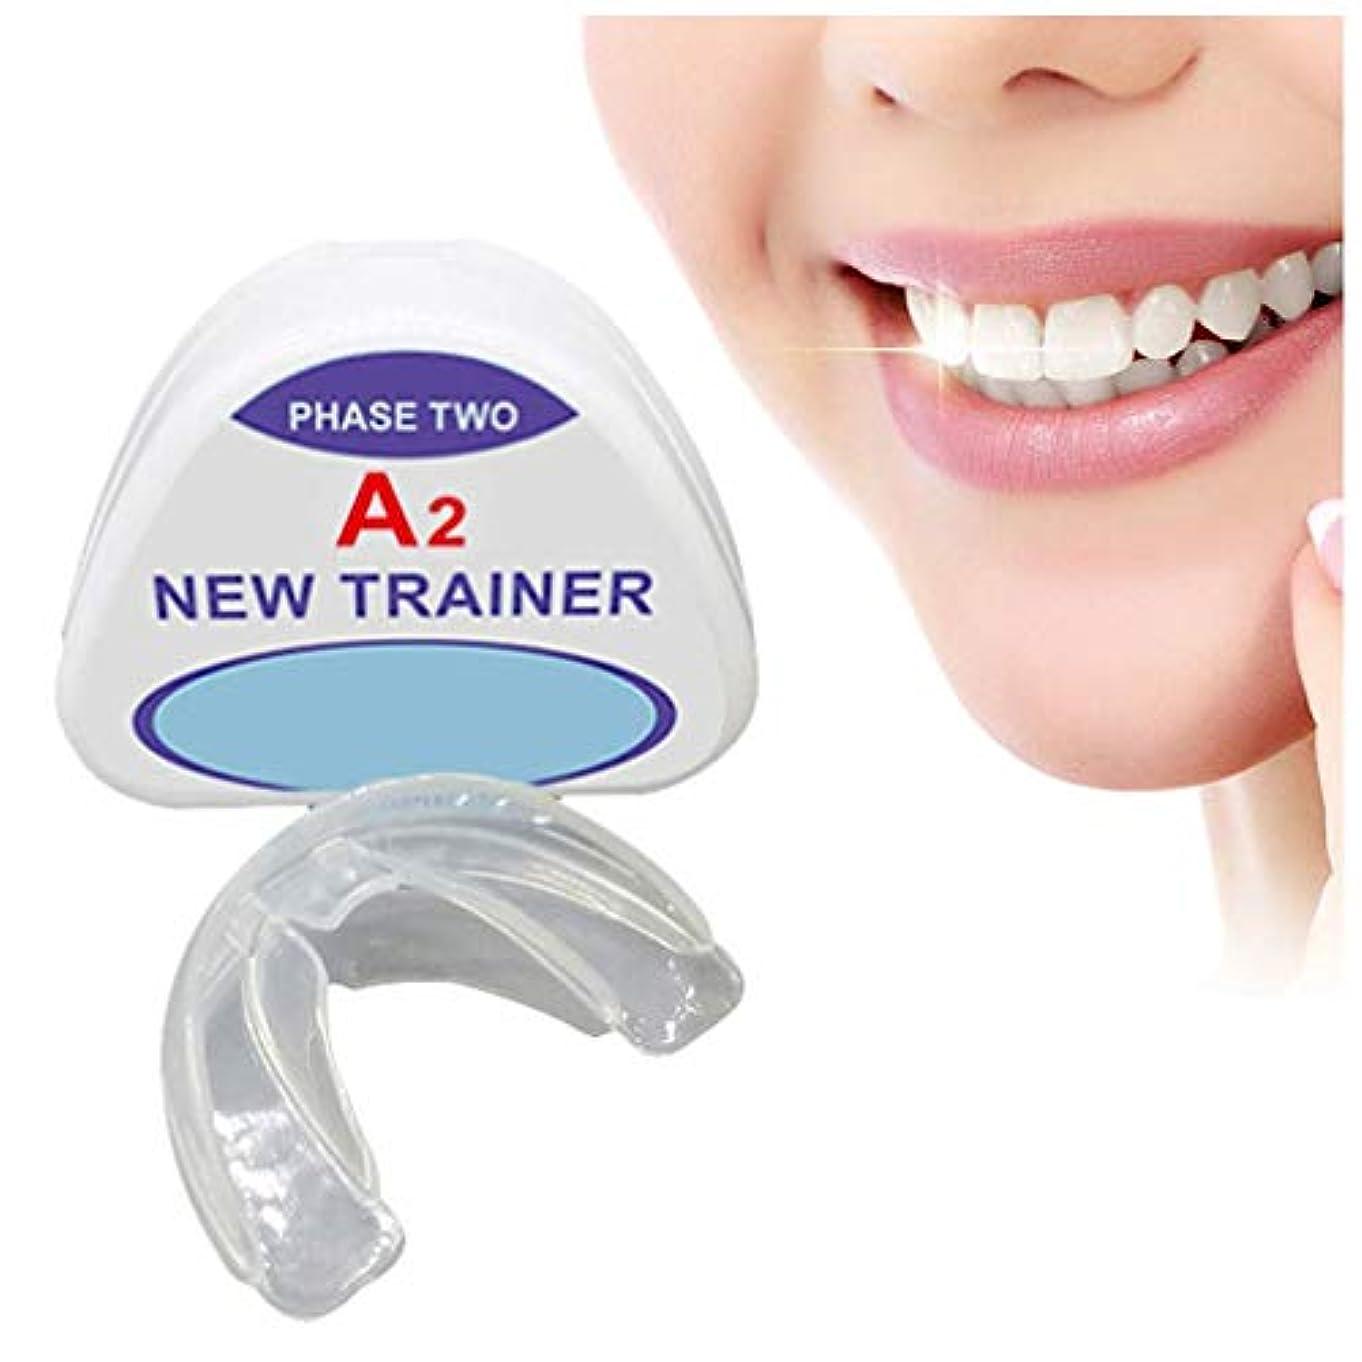 避難するリアルエスニック歯列矯正トレーナーリテーナー、歯科矯正ブレース、歯科マウスガード矯正器具、夜間予防臼歯ブレース、(2ステージ)、A1 + A2,A2